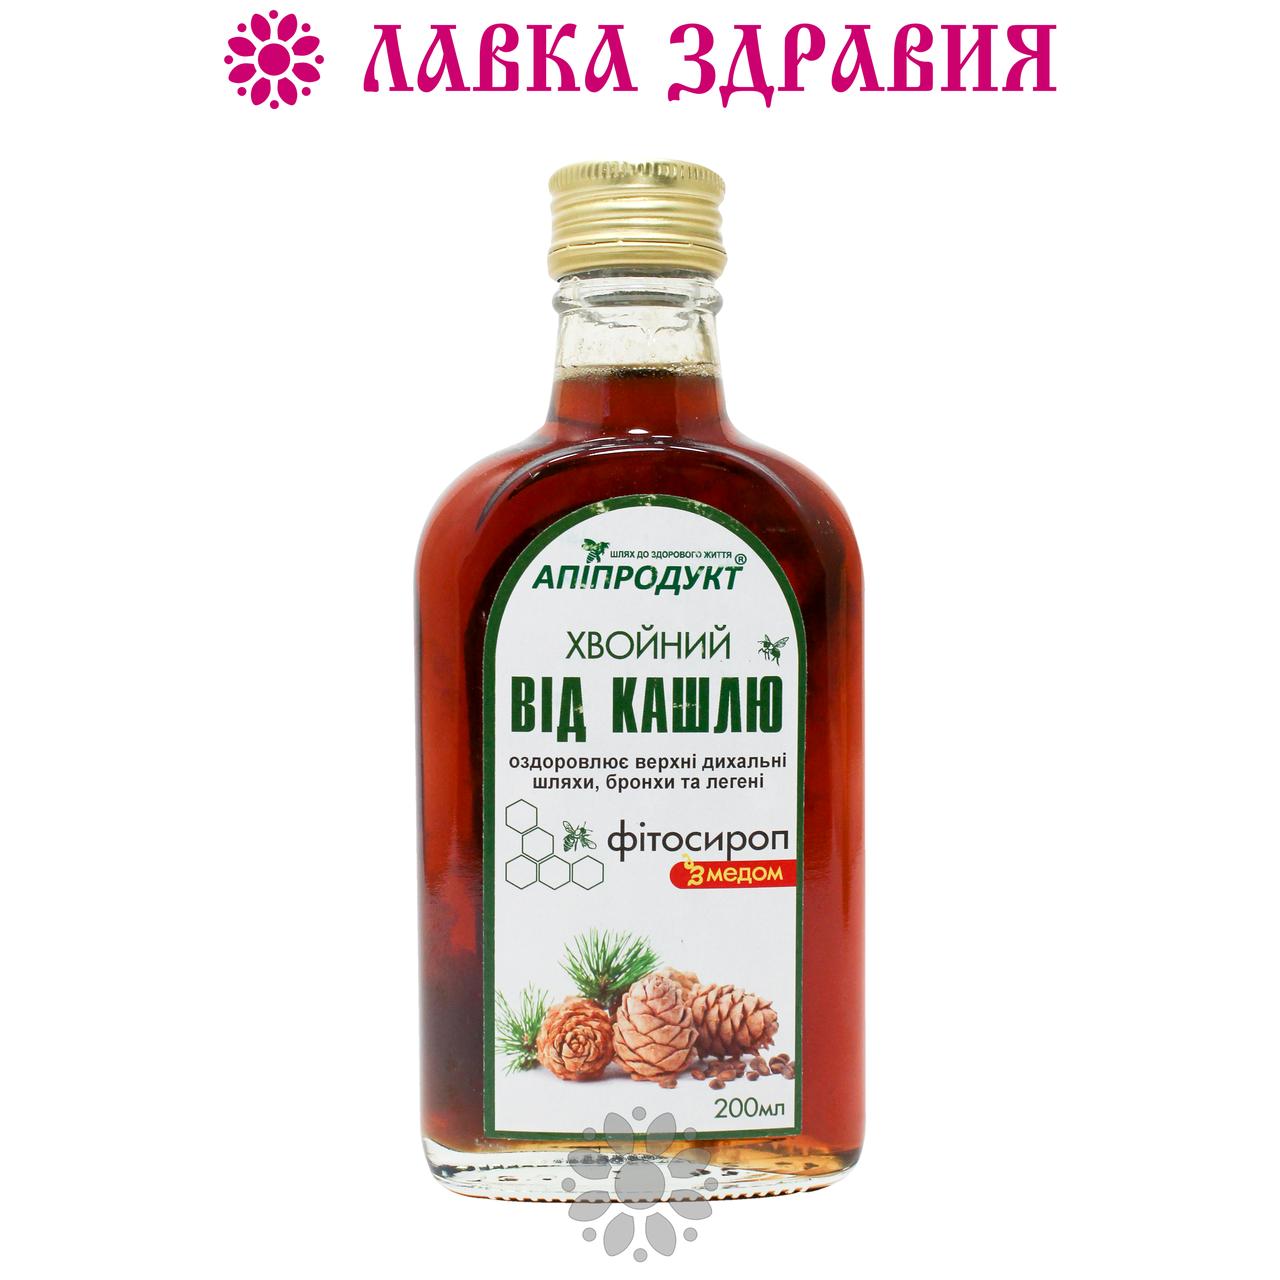 Фитосироп от кашля Хвойный с мёдом, 200 мл, Апипродукт